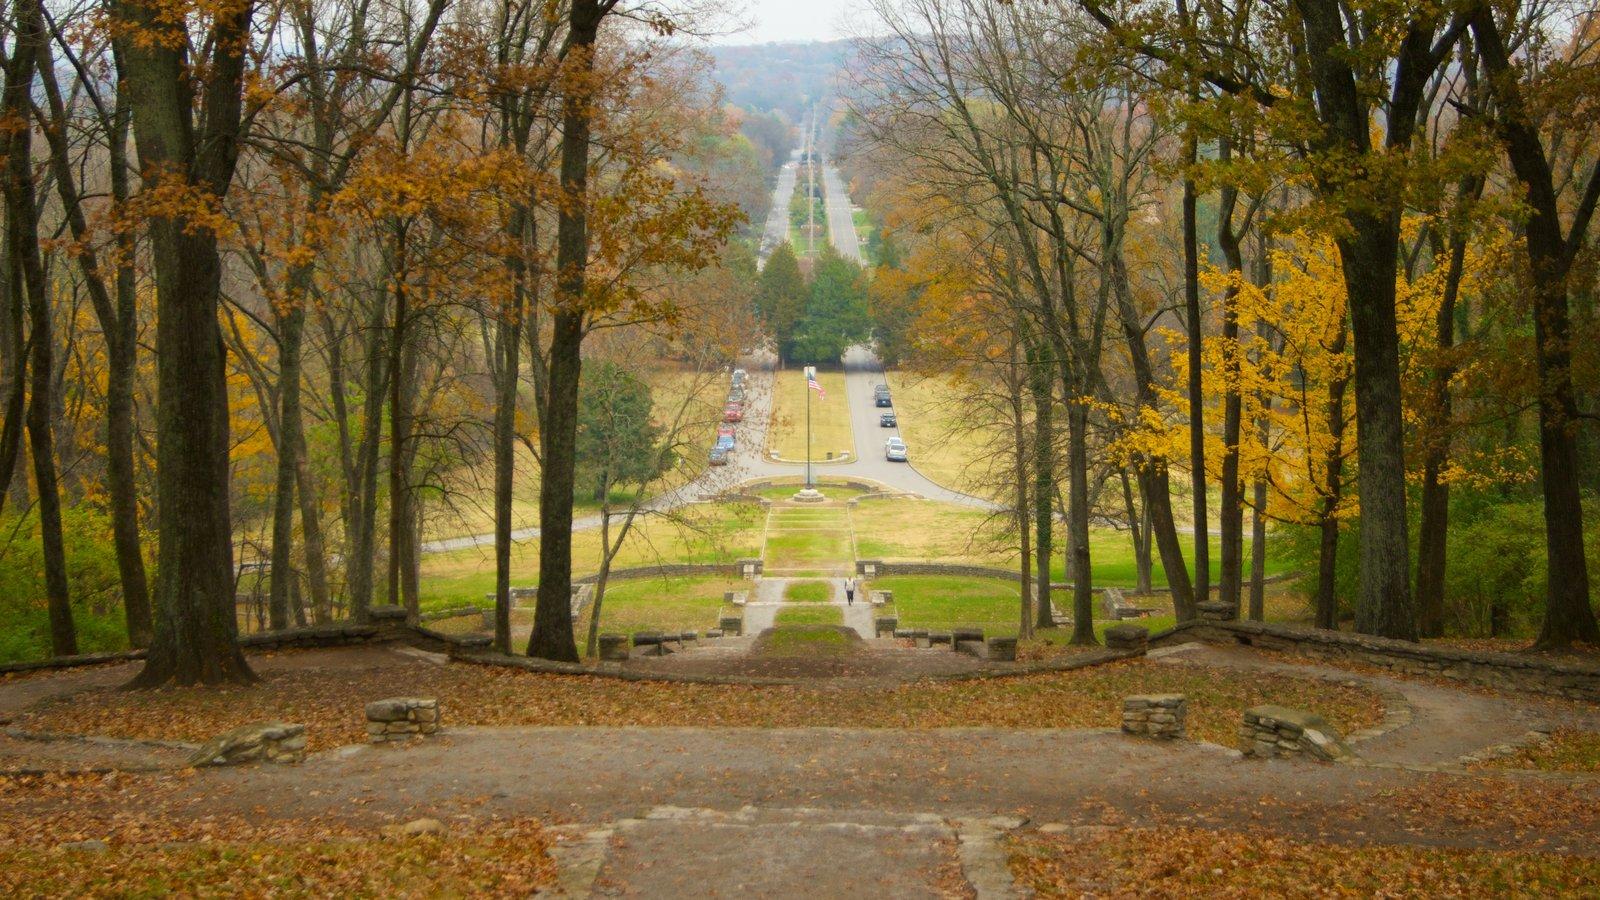 Edwin and Percy Warner Parks que incluye vistas de paisajes, un jardín y los colores del otoño